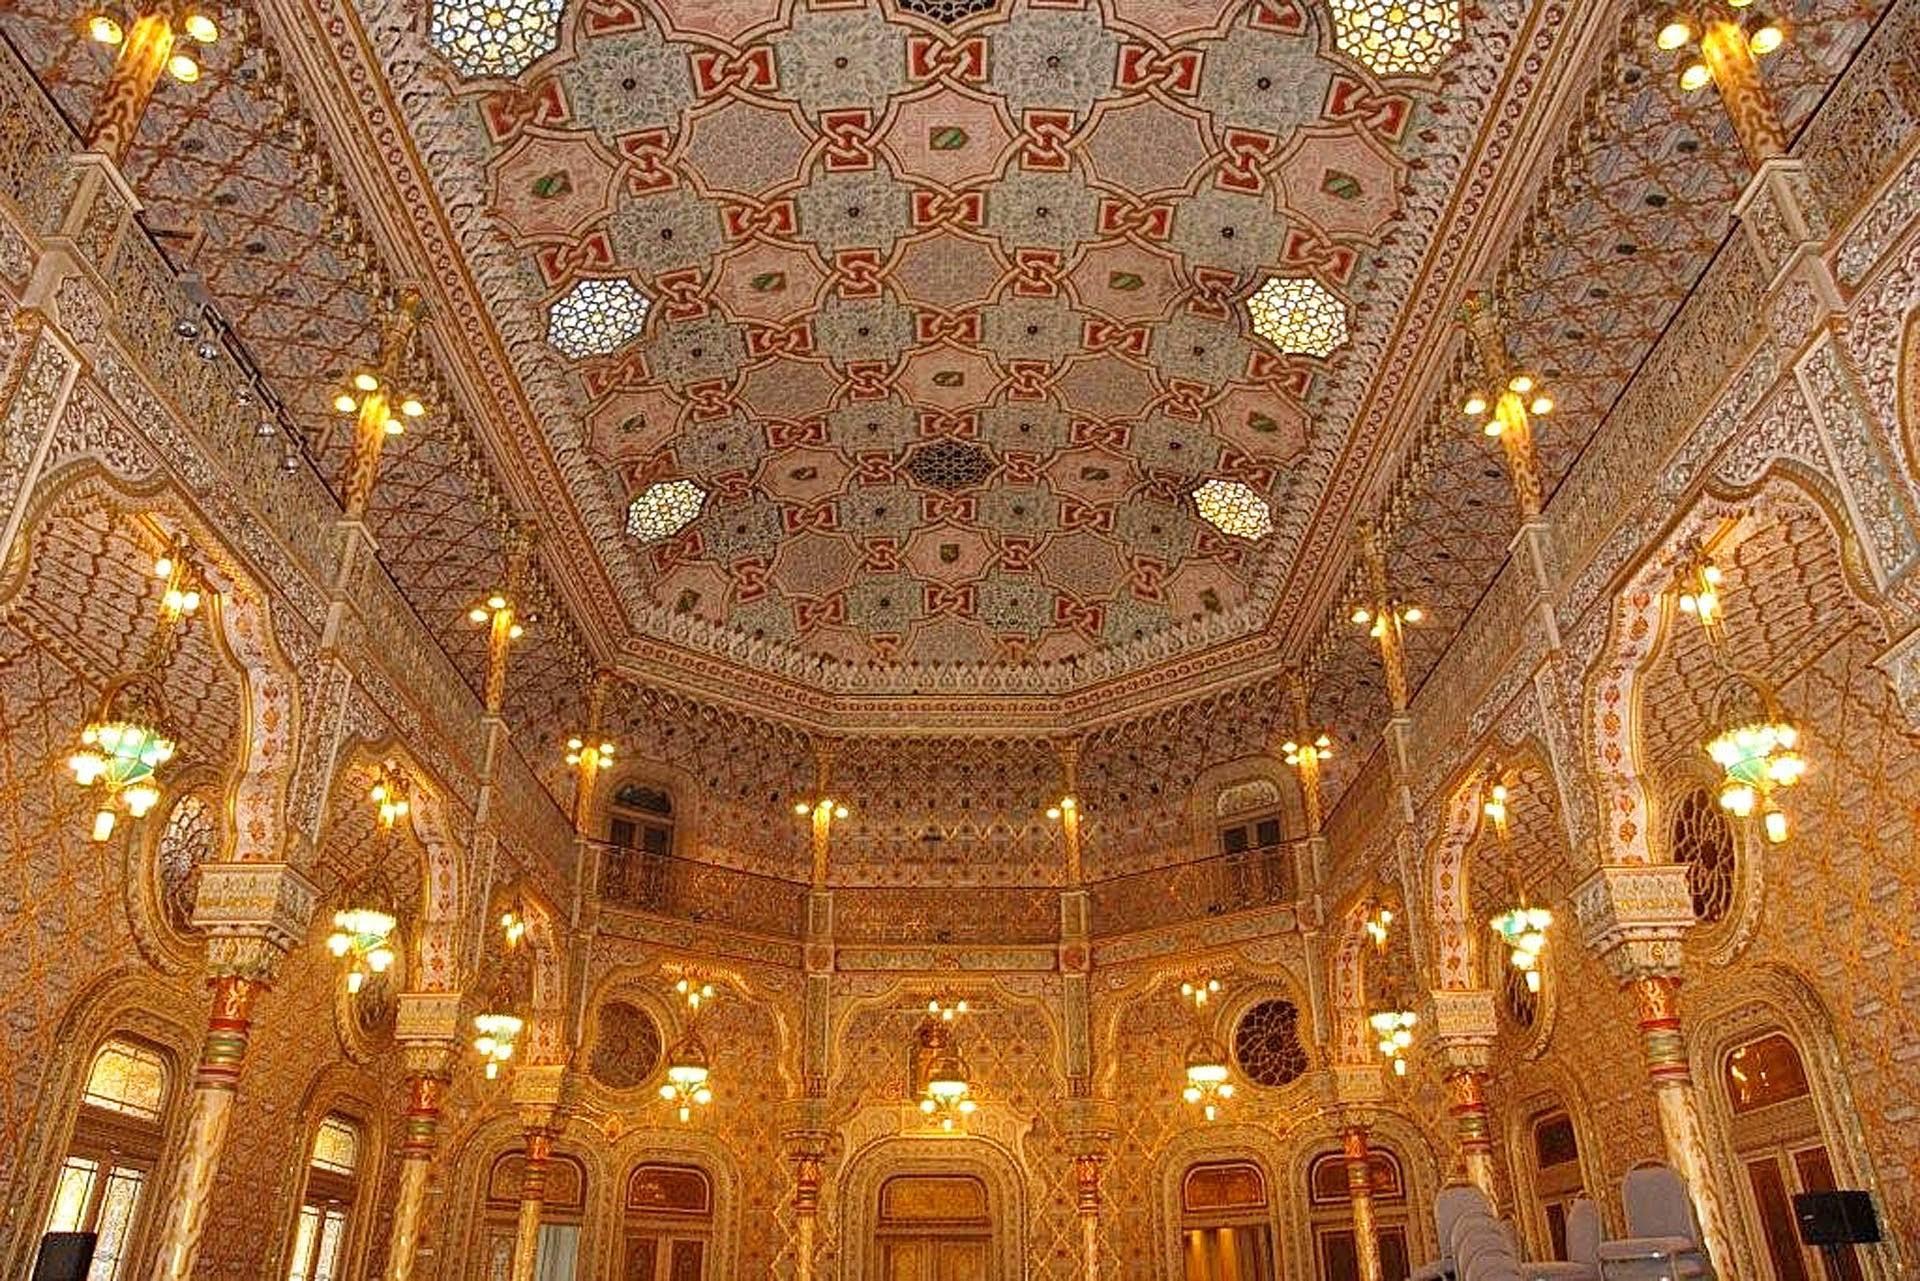 Palácios mais belos de Portugal